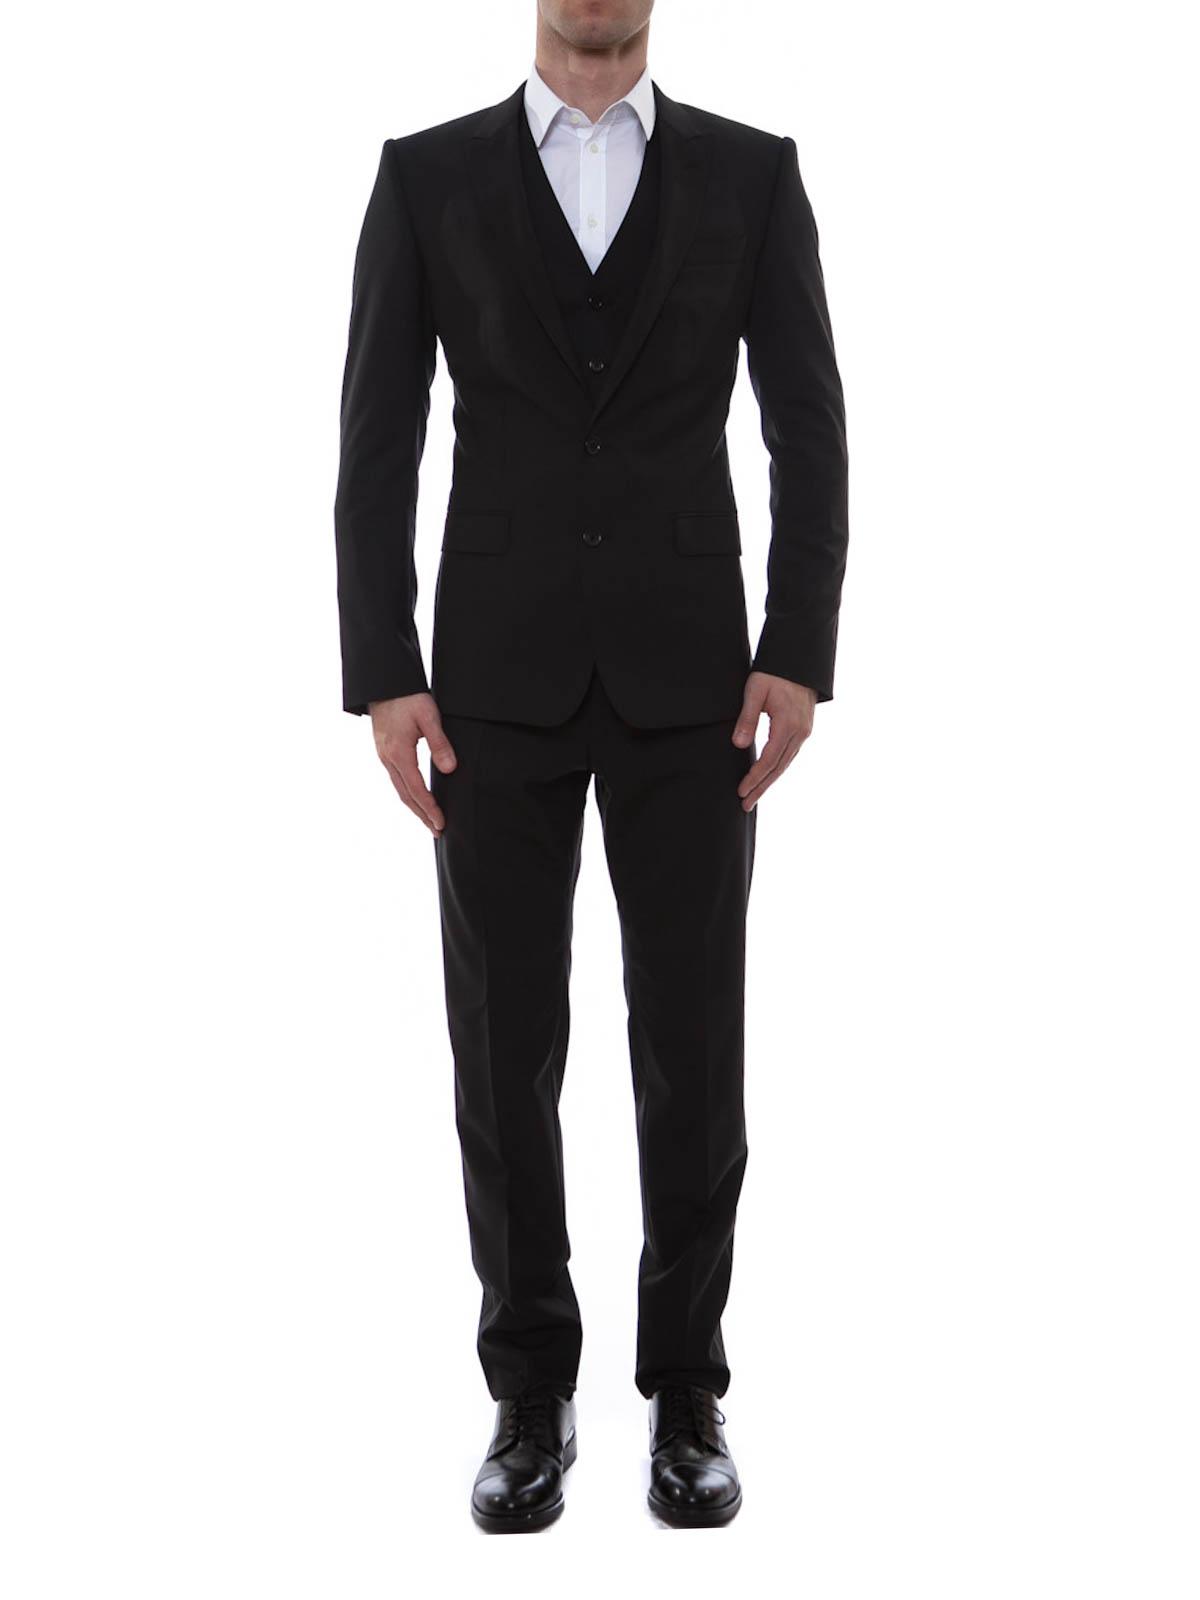 Vestidos de traje formal para hombre